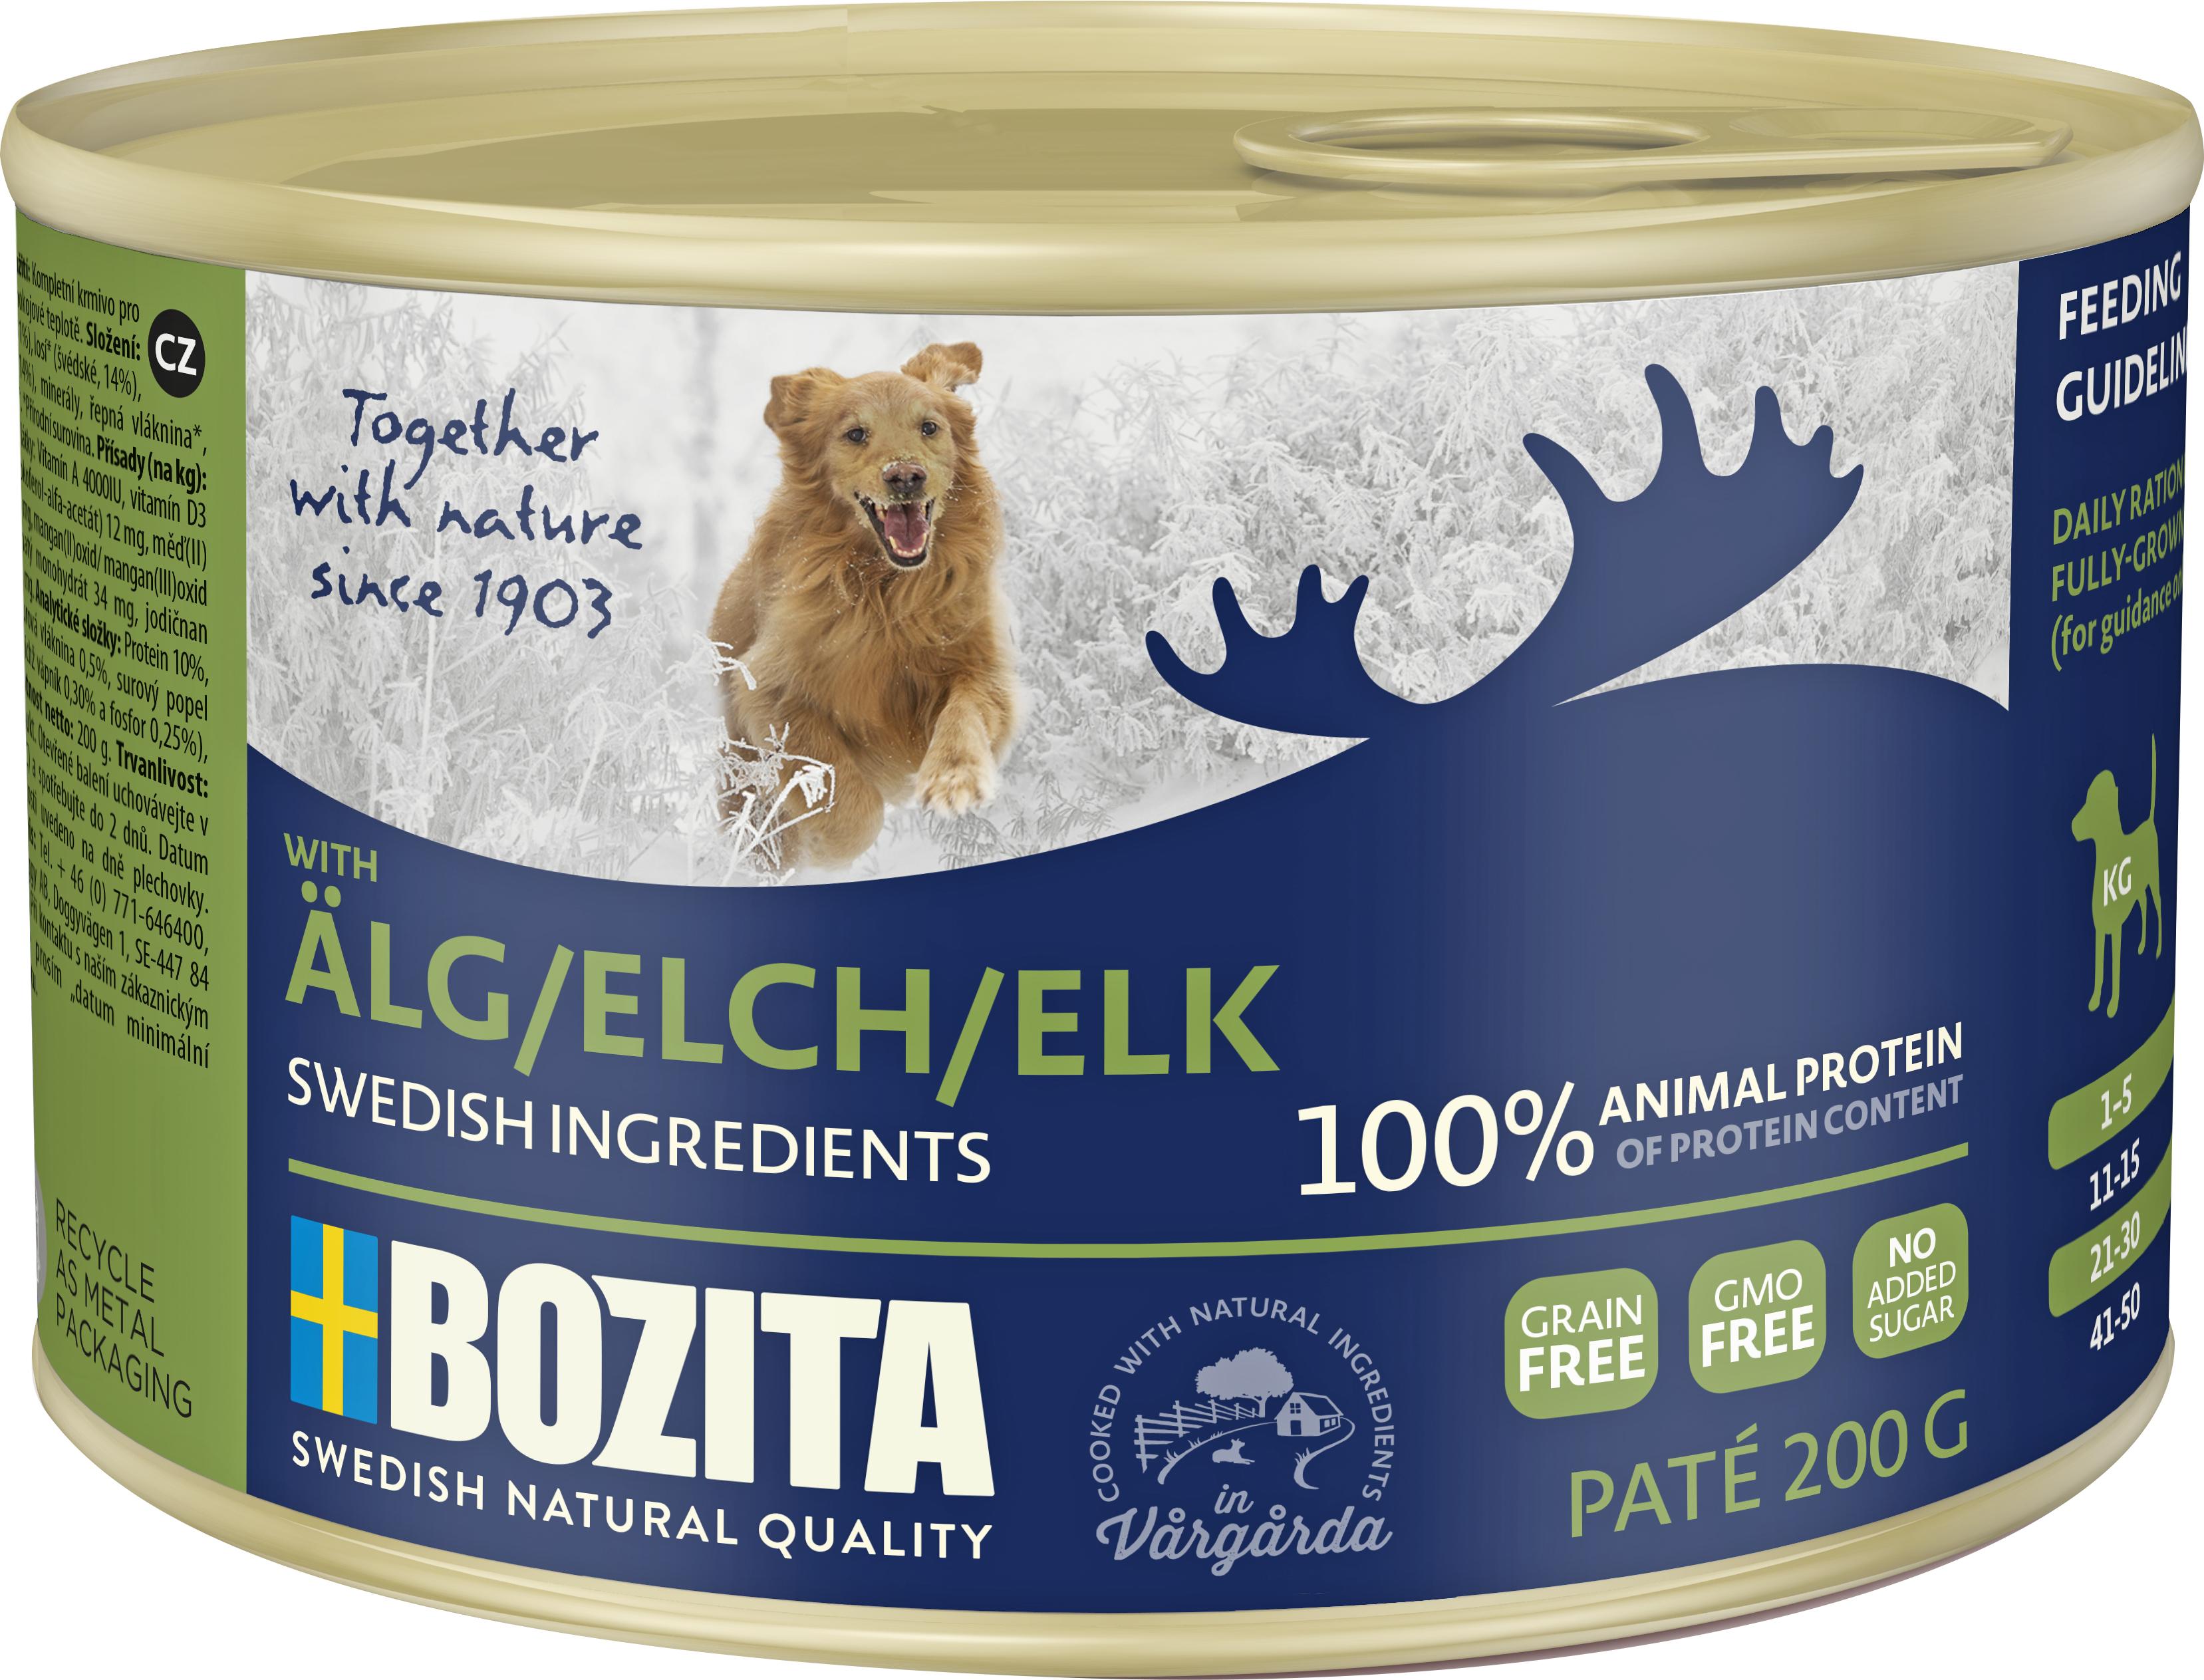 Hundfoder Bozita Älg Konserv 200 gram